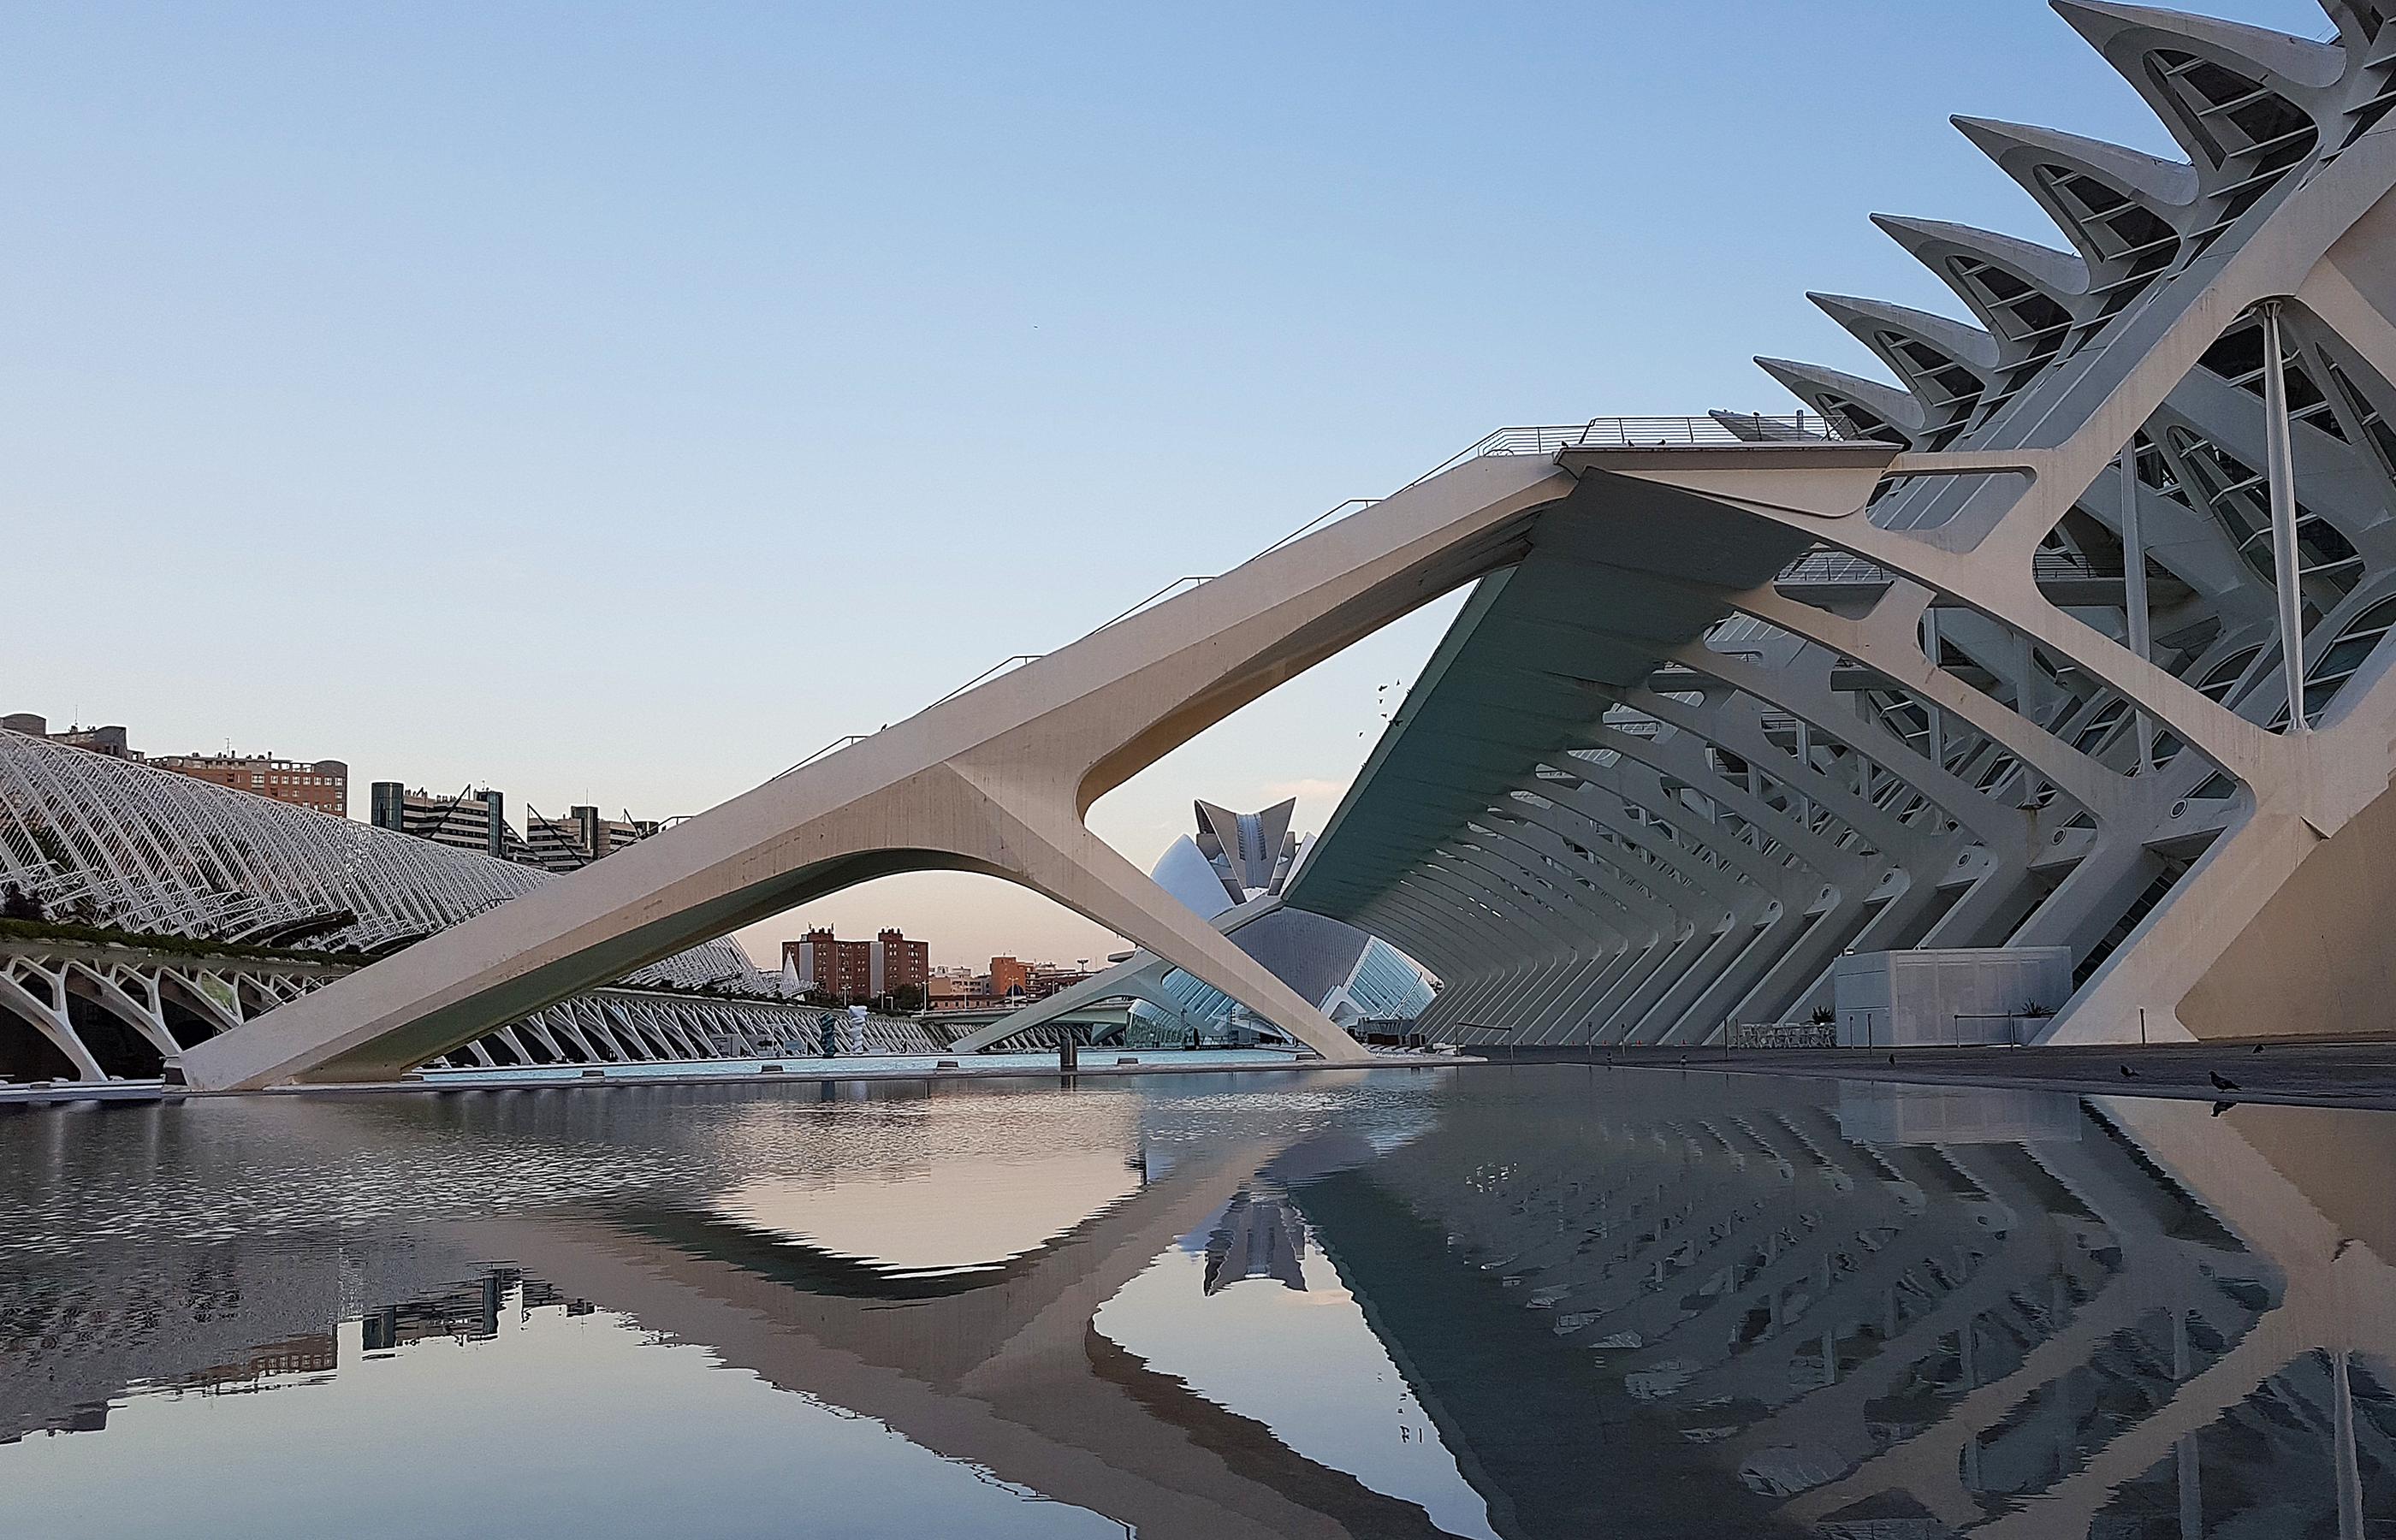 Музей Науки в Валенсии окружают фонтаны и бассейны. Отражаясь в воде, здание кажется невесомым